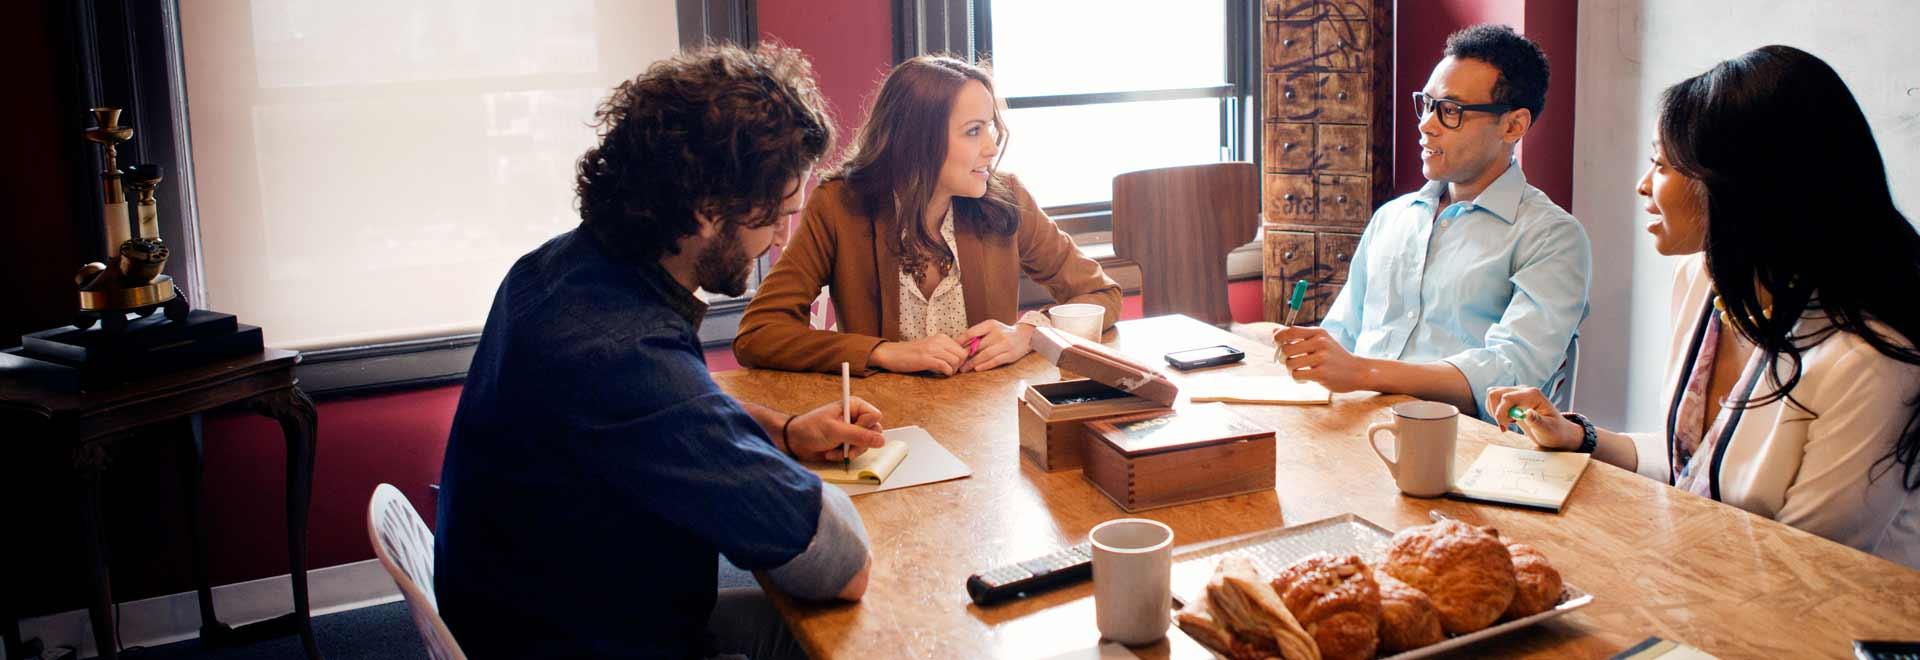 Fyra personer som arbetar på ett kontor och använder Office 365 Enterprise, E3.